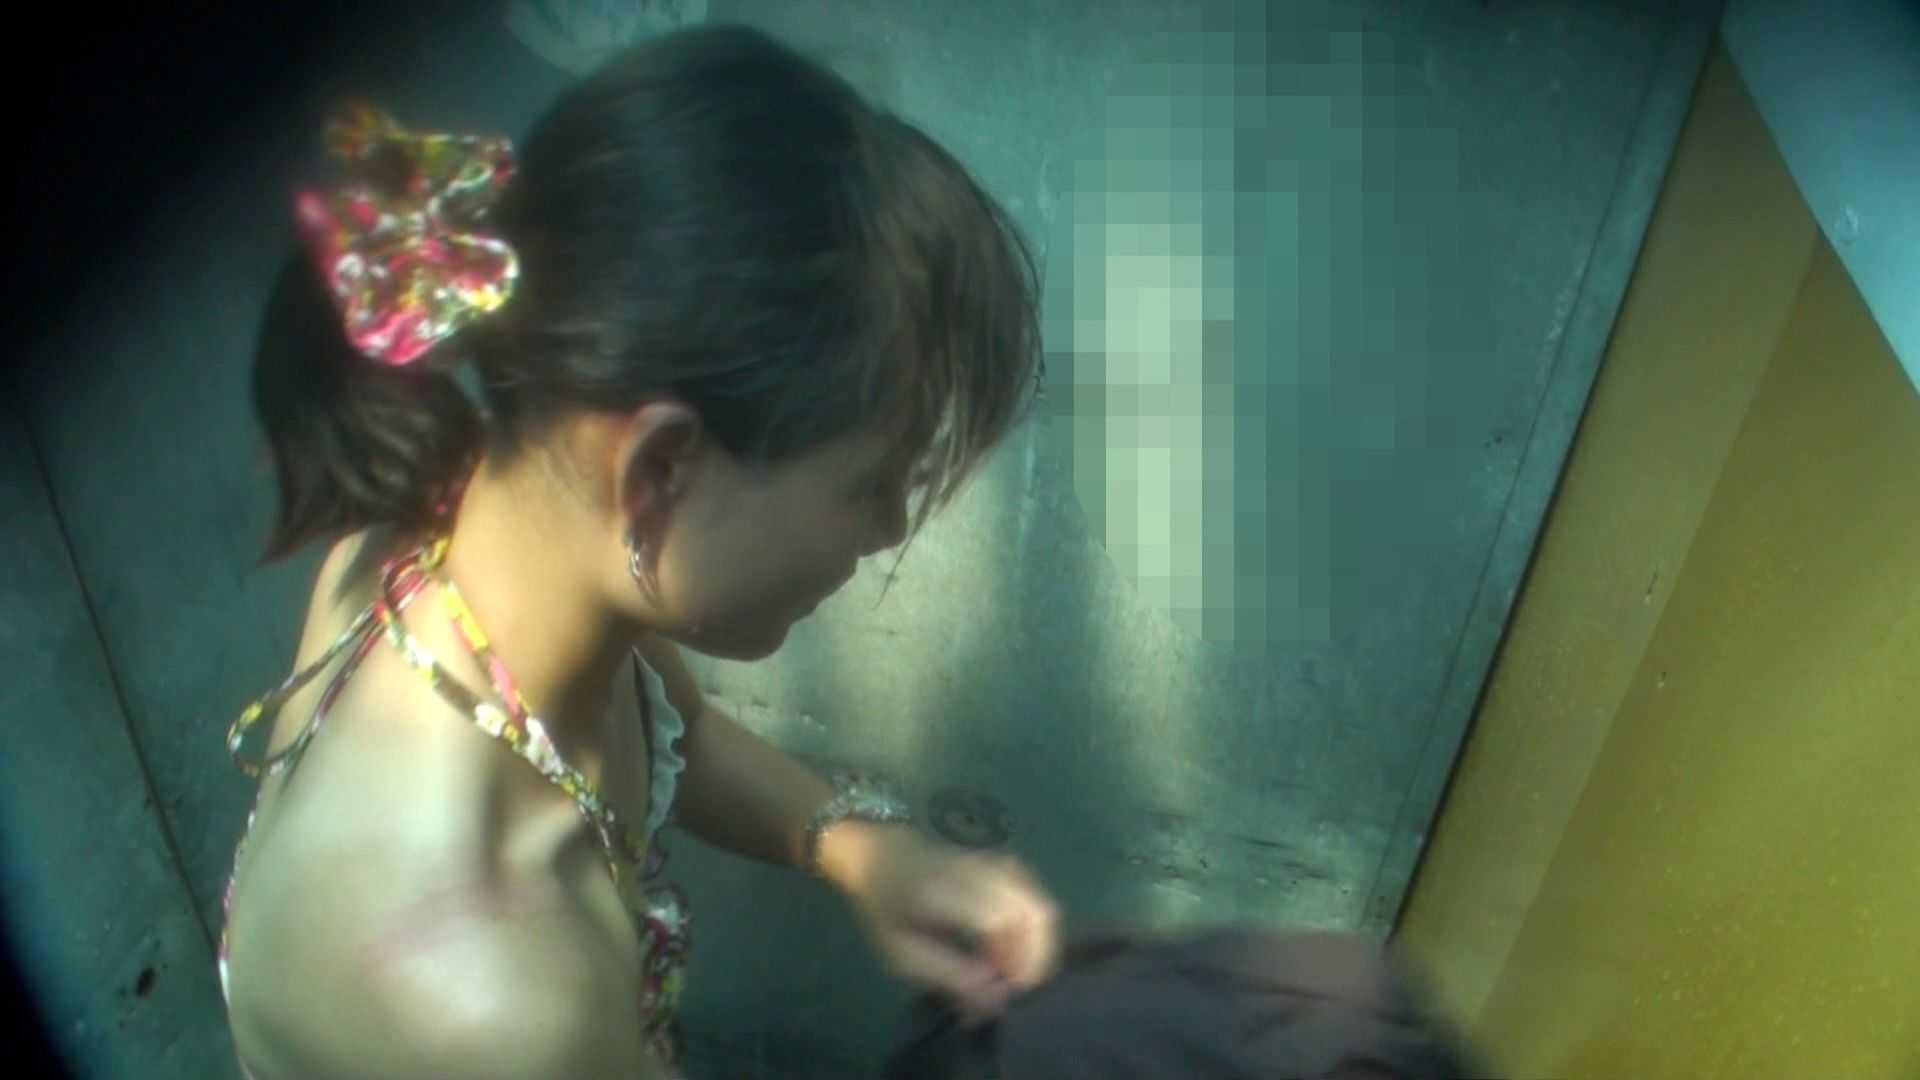 シャワールームは超!!危険な香りVol.16 意外に乳首は年増のそれ 乳首 おめこ無修正画像 97pic 76